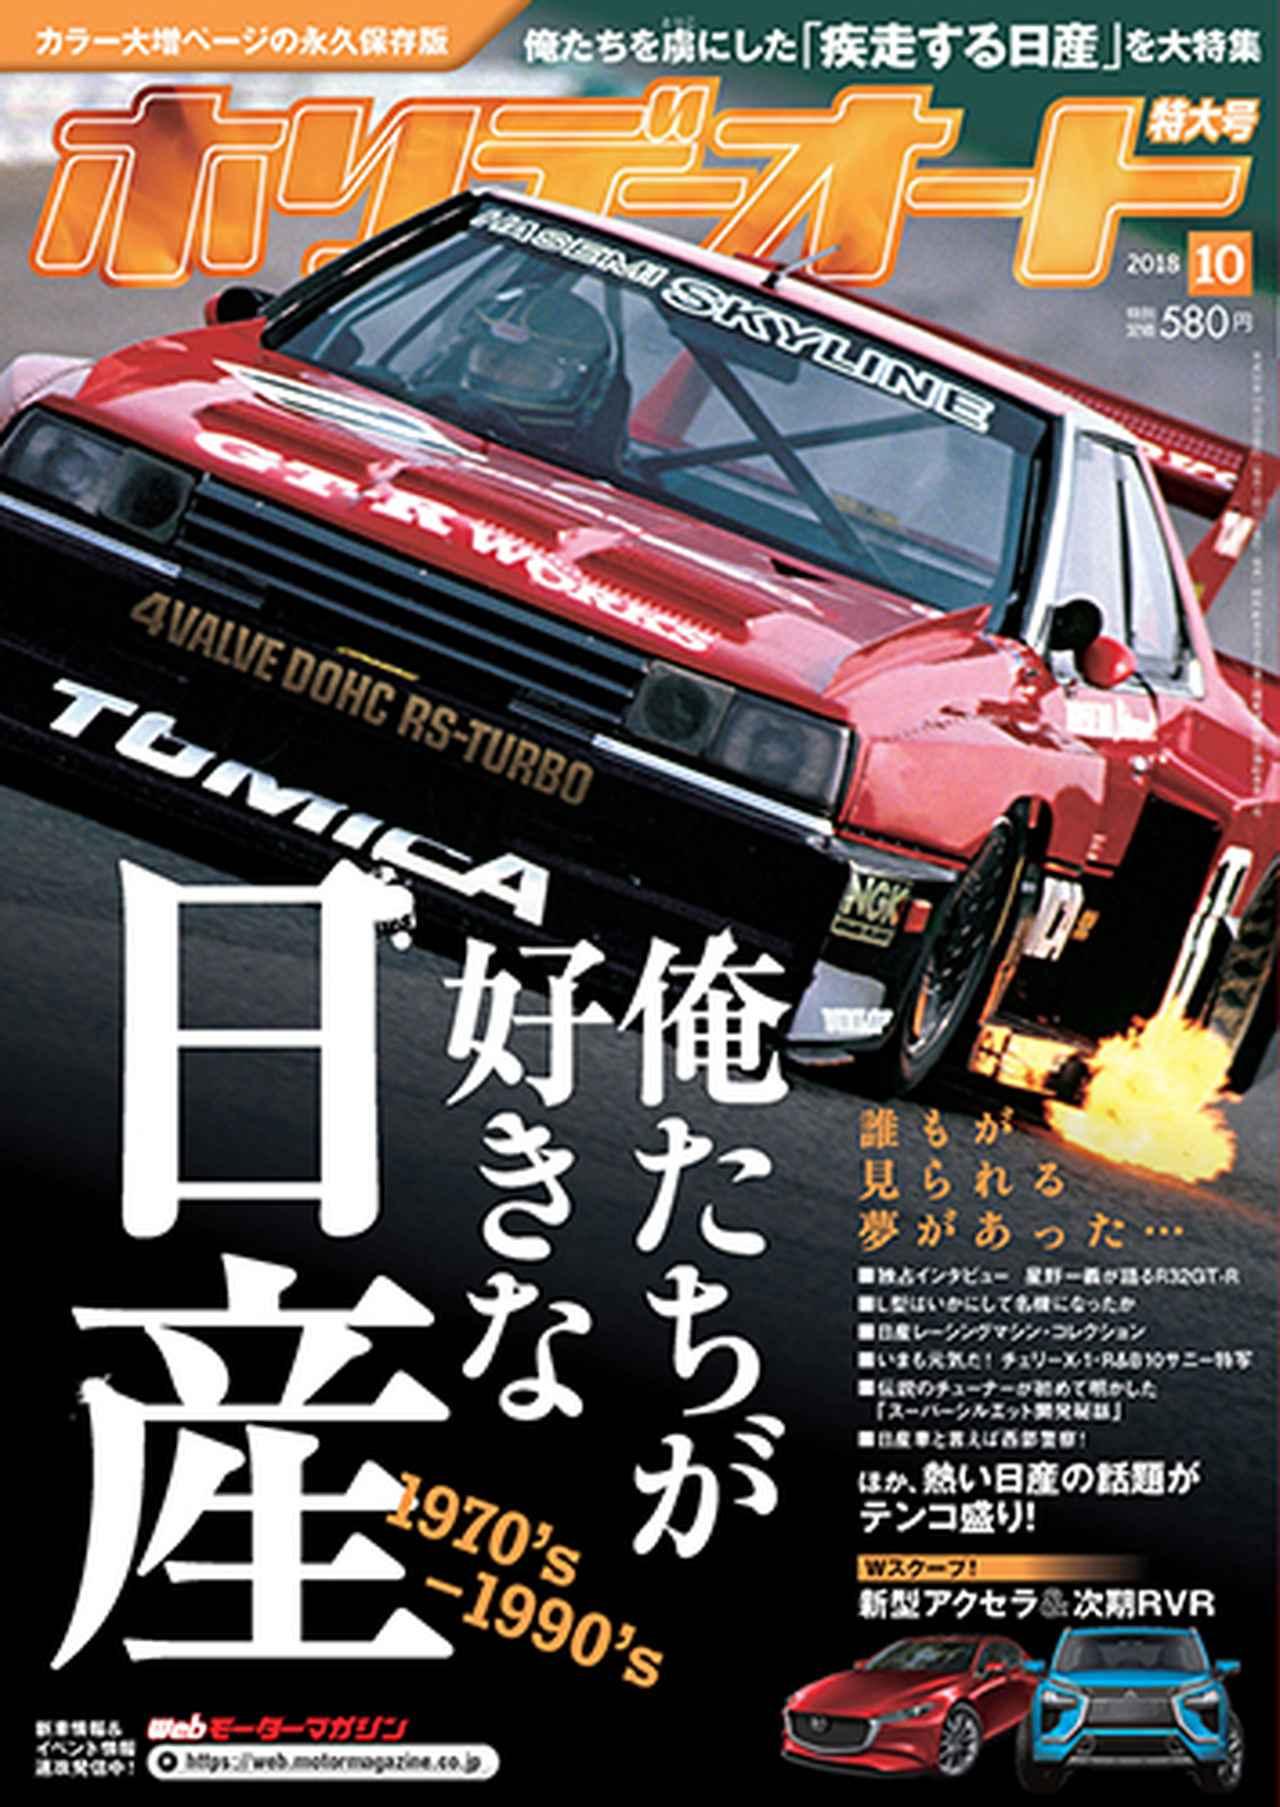 画像: Motor Magazine Ltd. / モーターマガジン社 / ホリデーオート 2018年 10月号